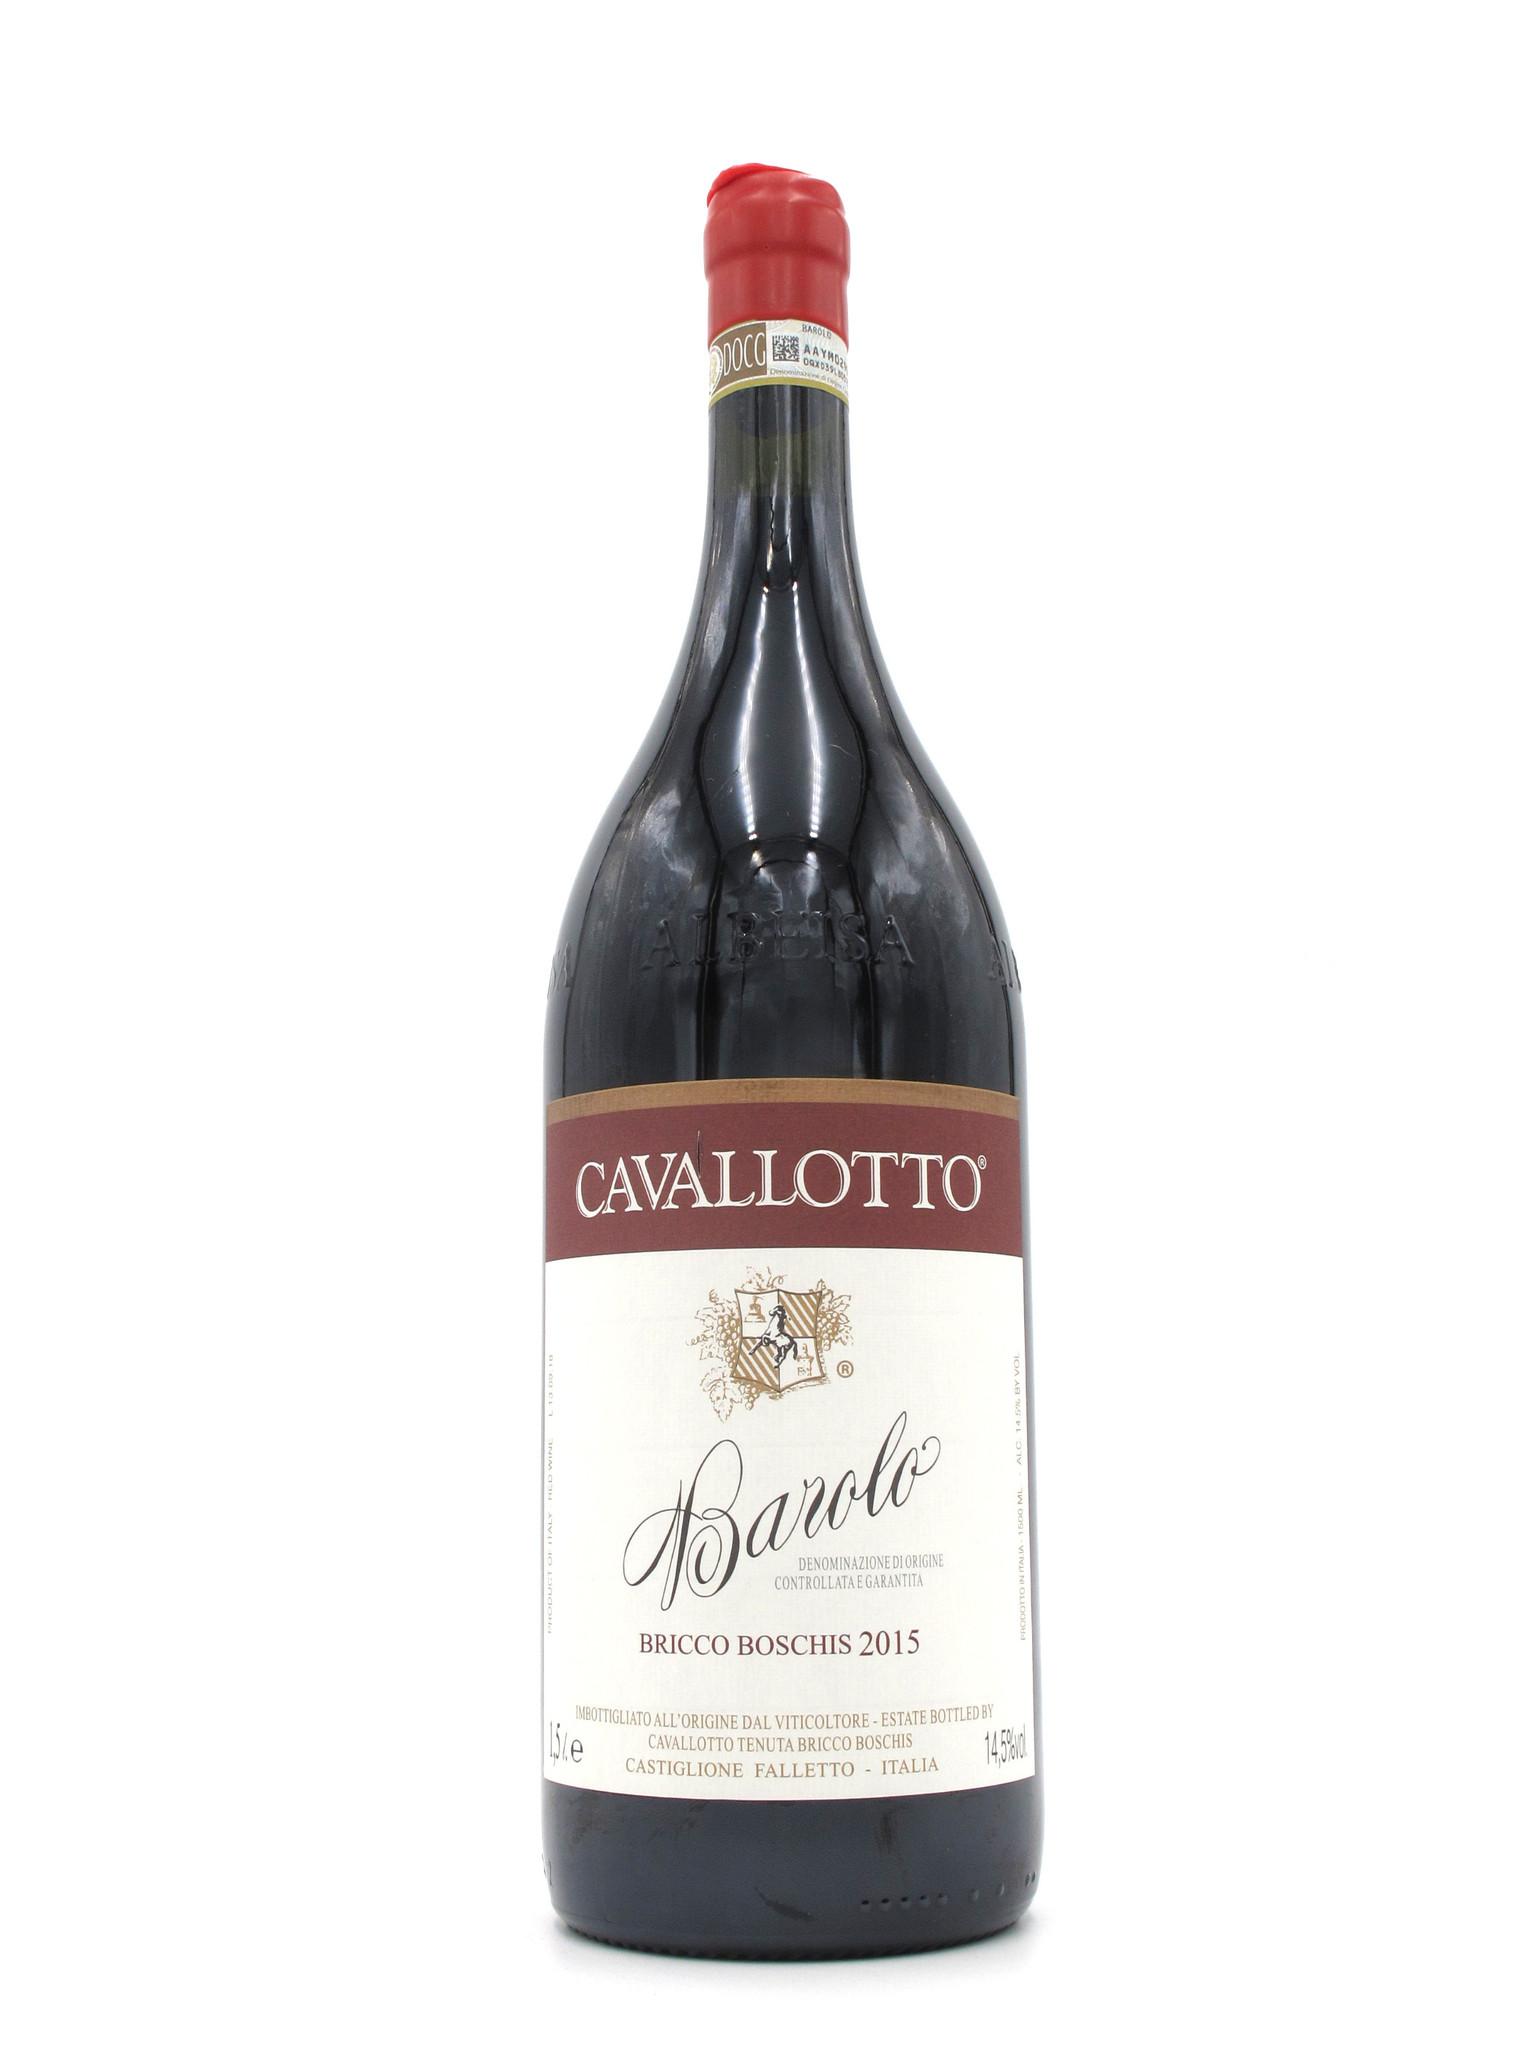 Cavallotto 2015 Cavallotto Bricco Boschis Barolo 1500ml